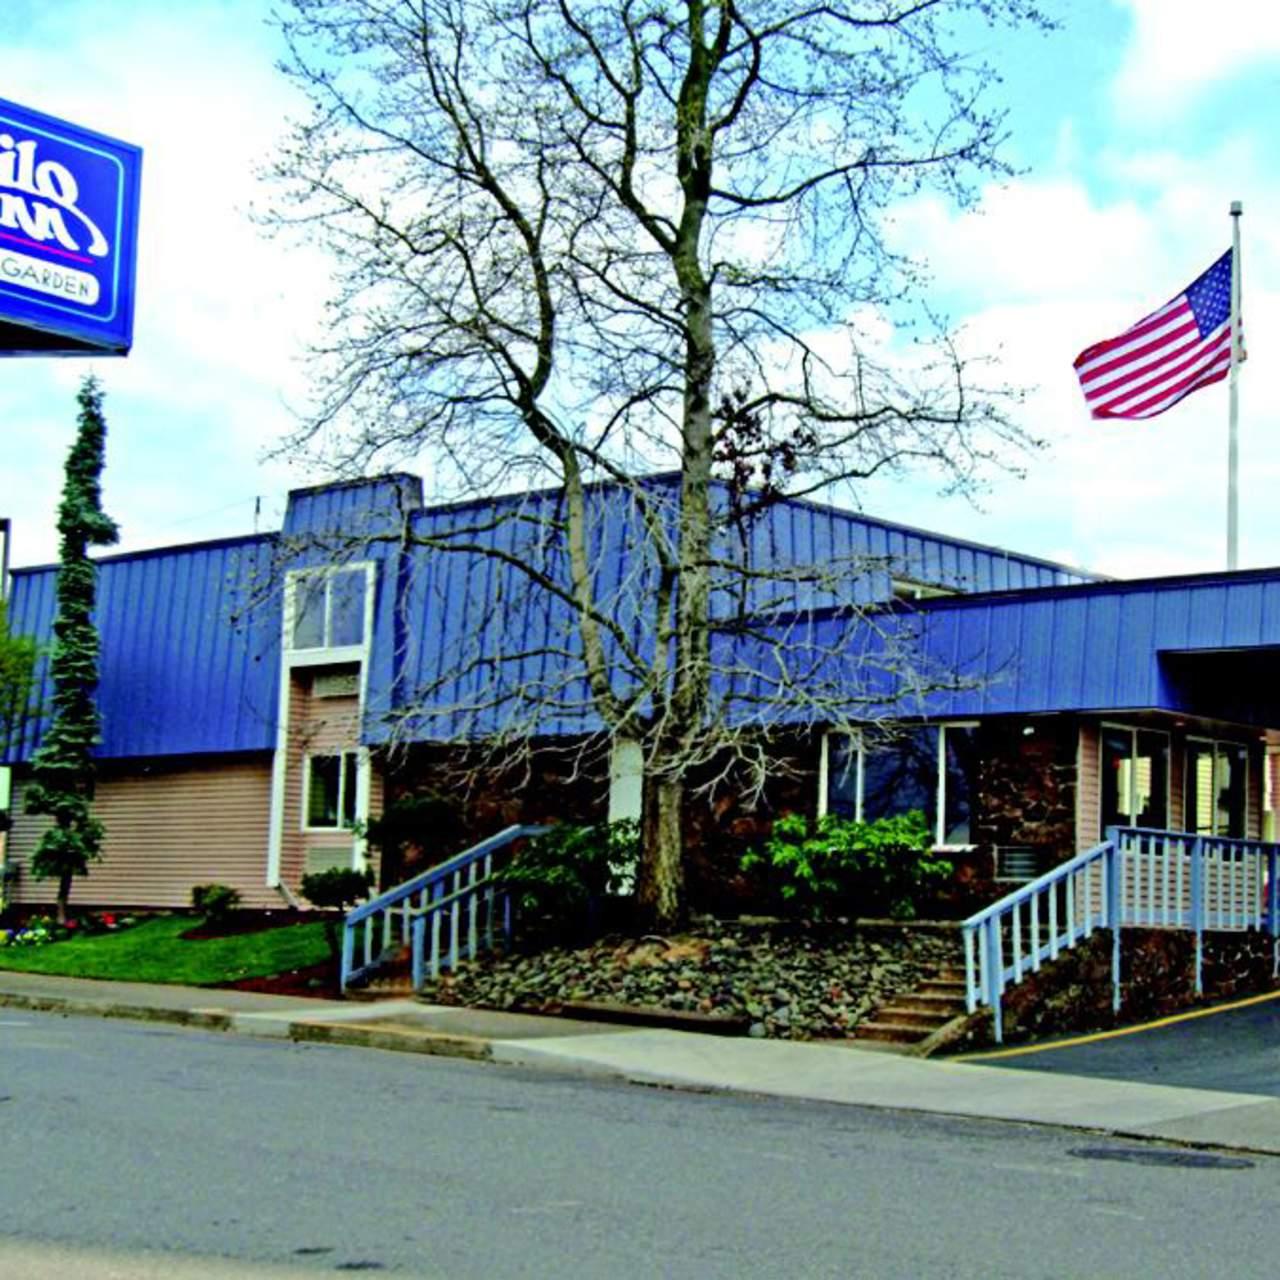 Hotel, Oregon Shilo Inn Rose Garden CANUSA